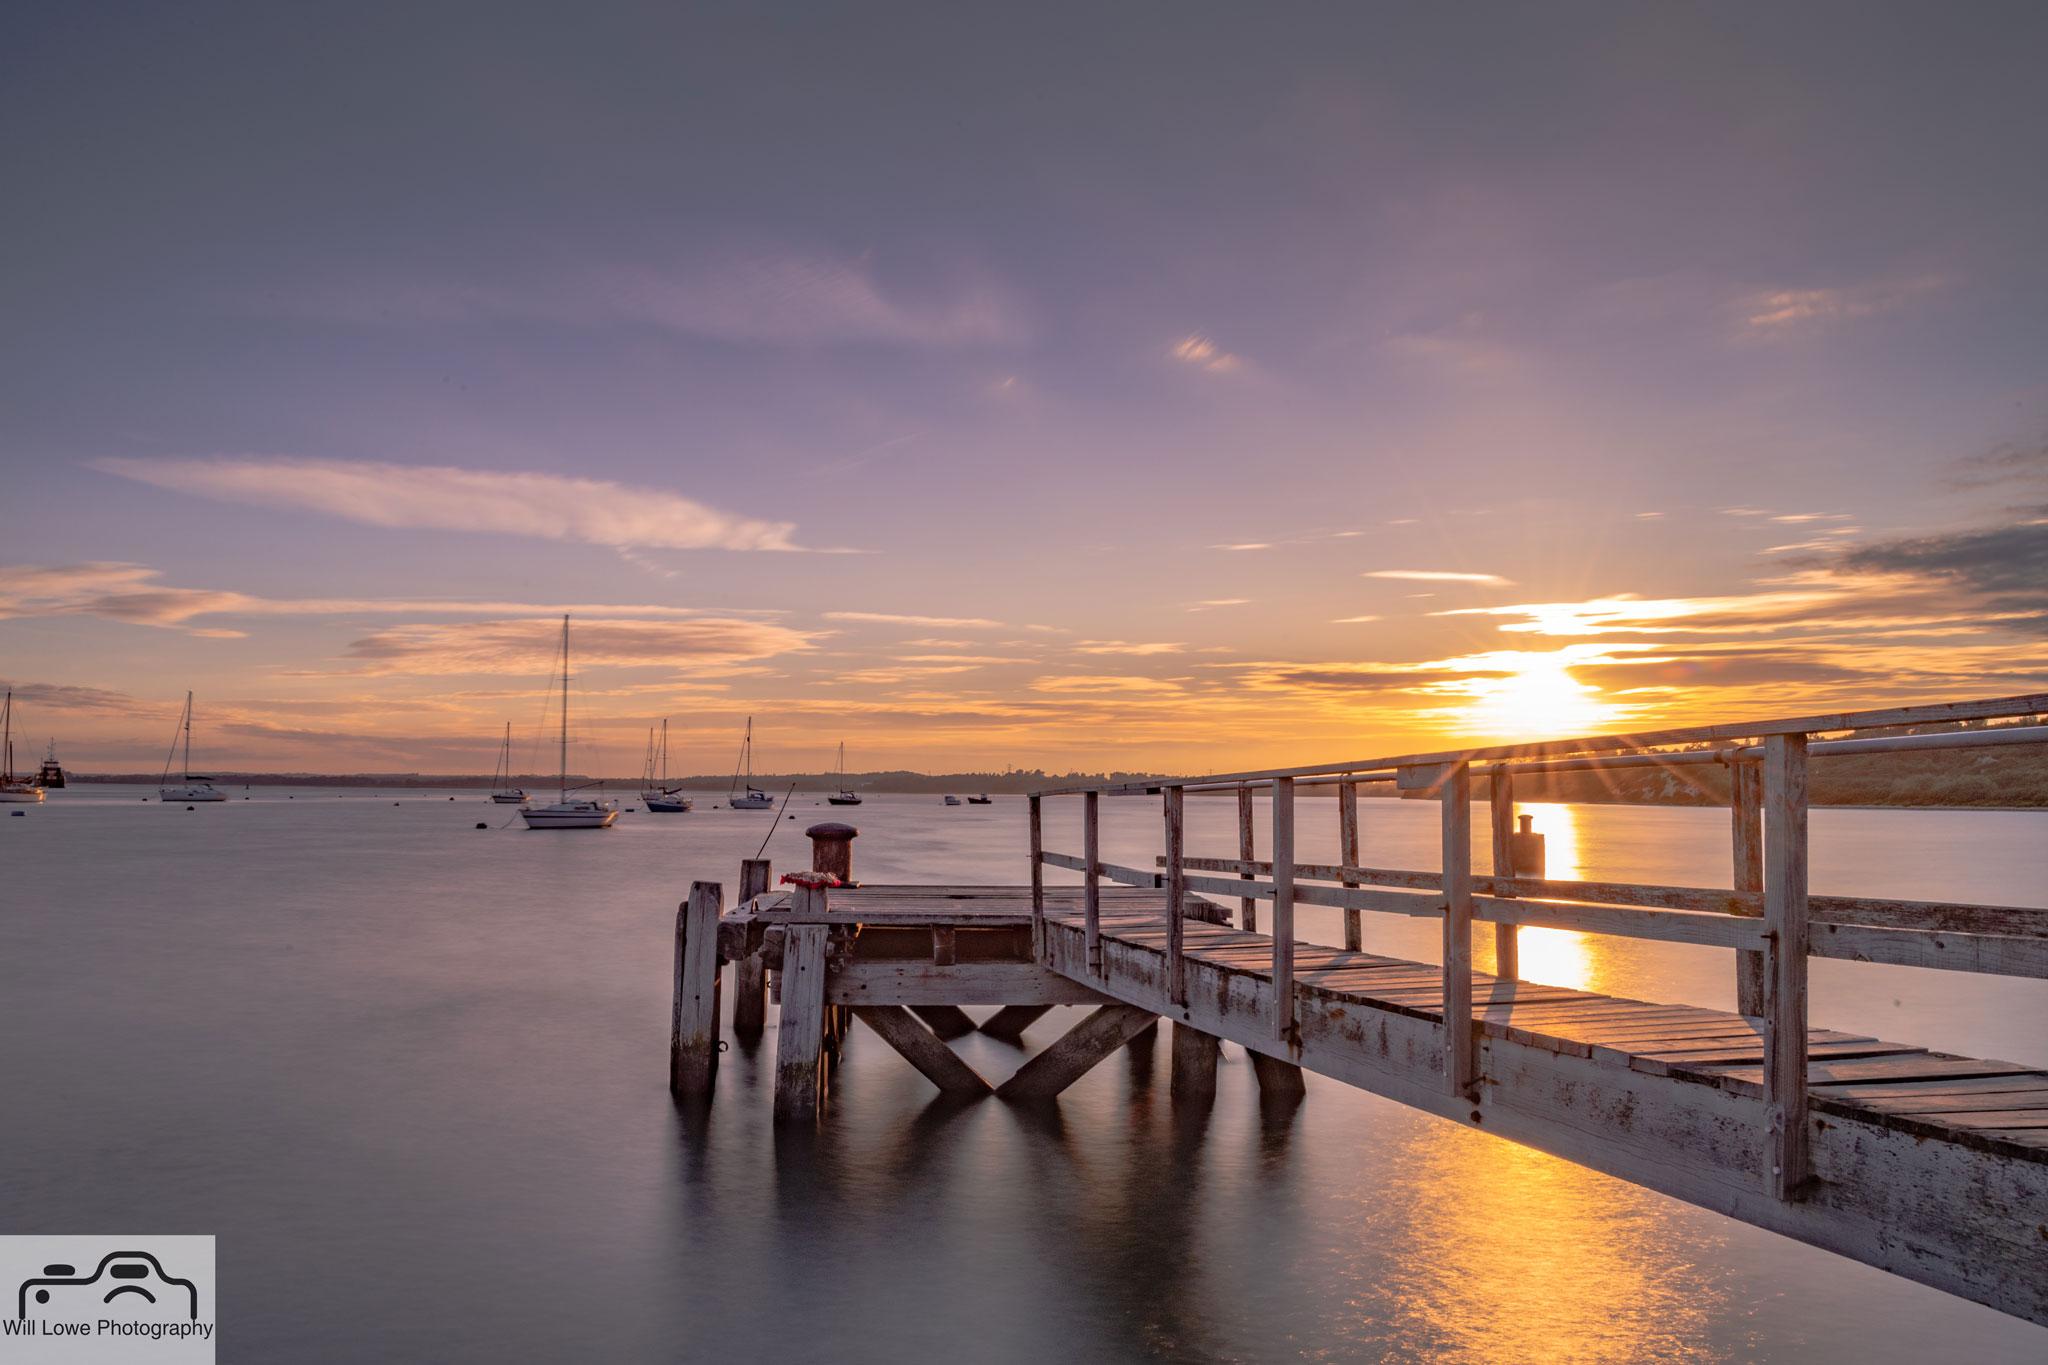 Sunset Lake Pier